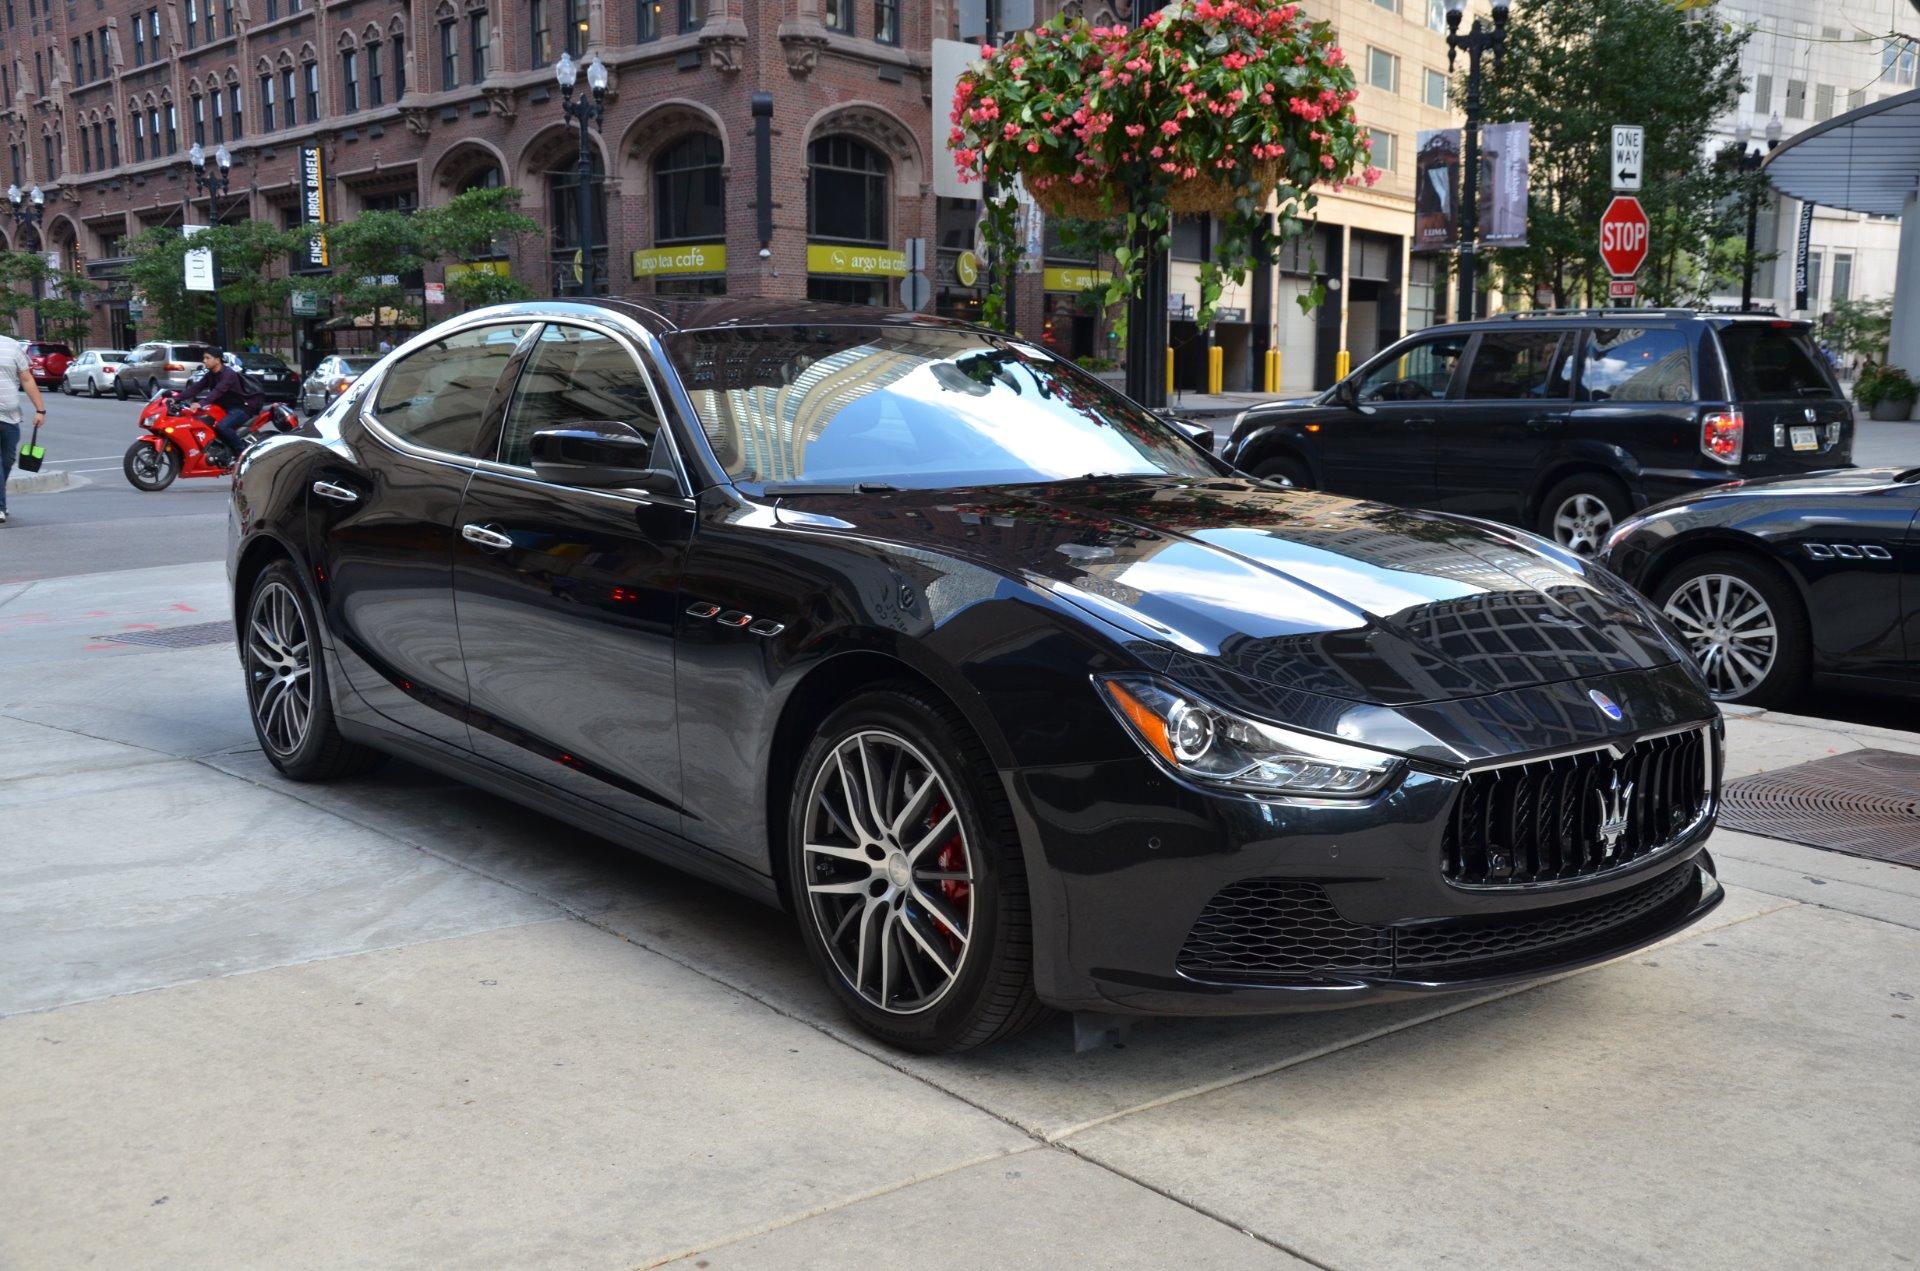 2017 Maserati Ghibli SQ4 S Q4 Stock # M520 for sale near Chicago, IL | IL Maserati Dealer